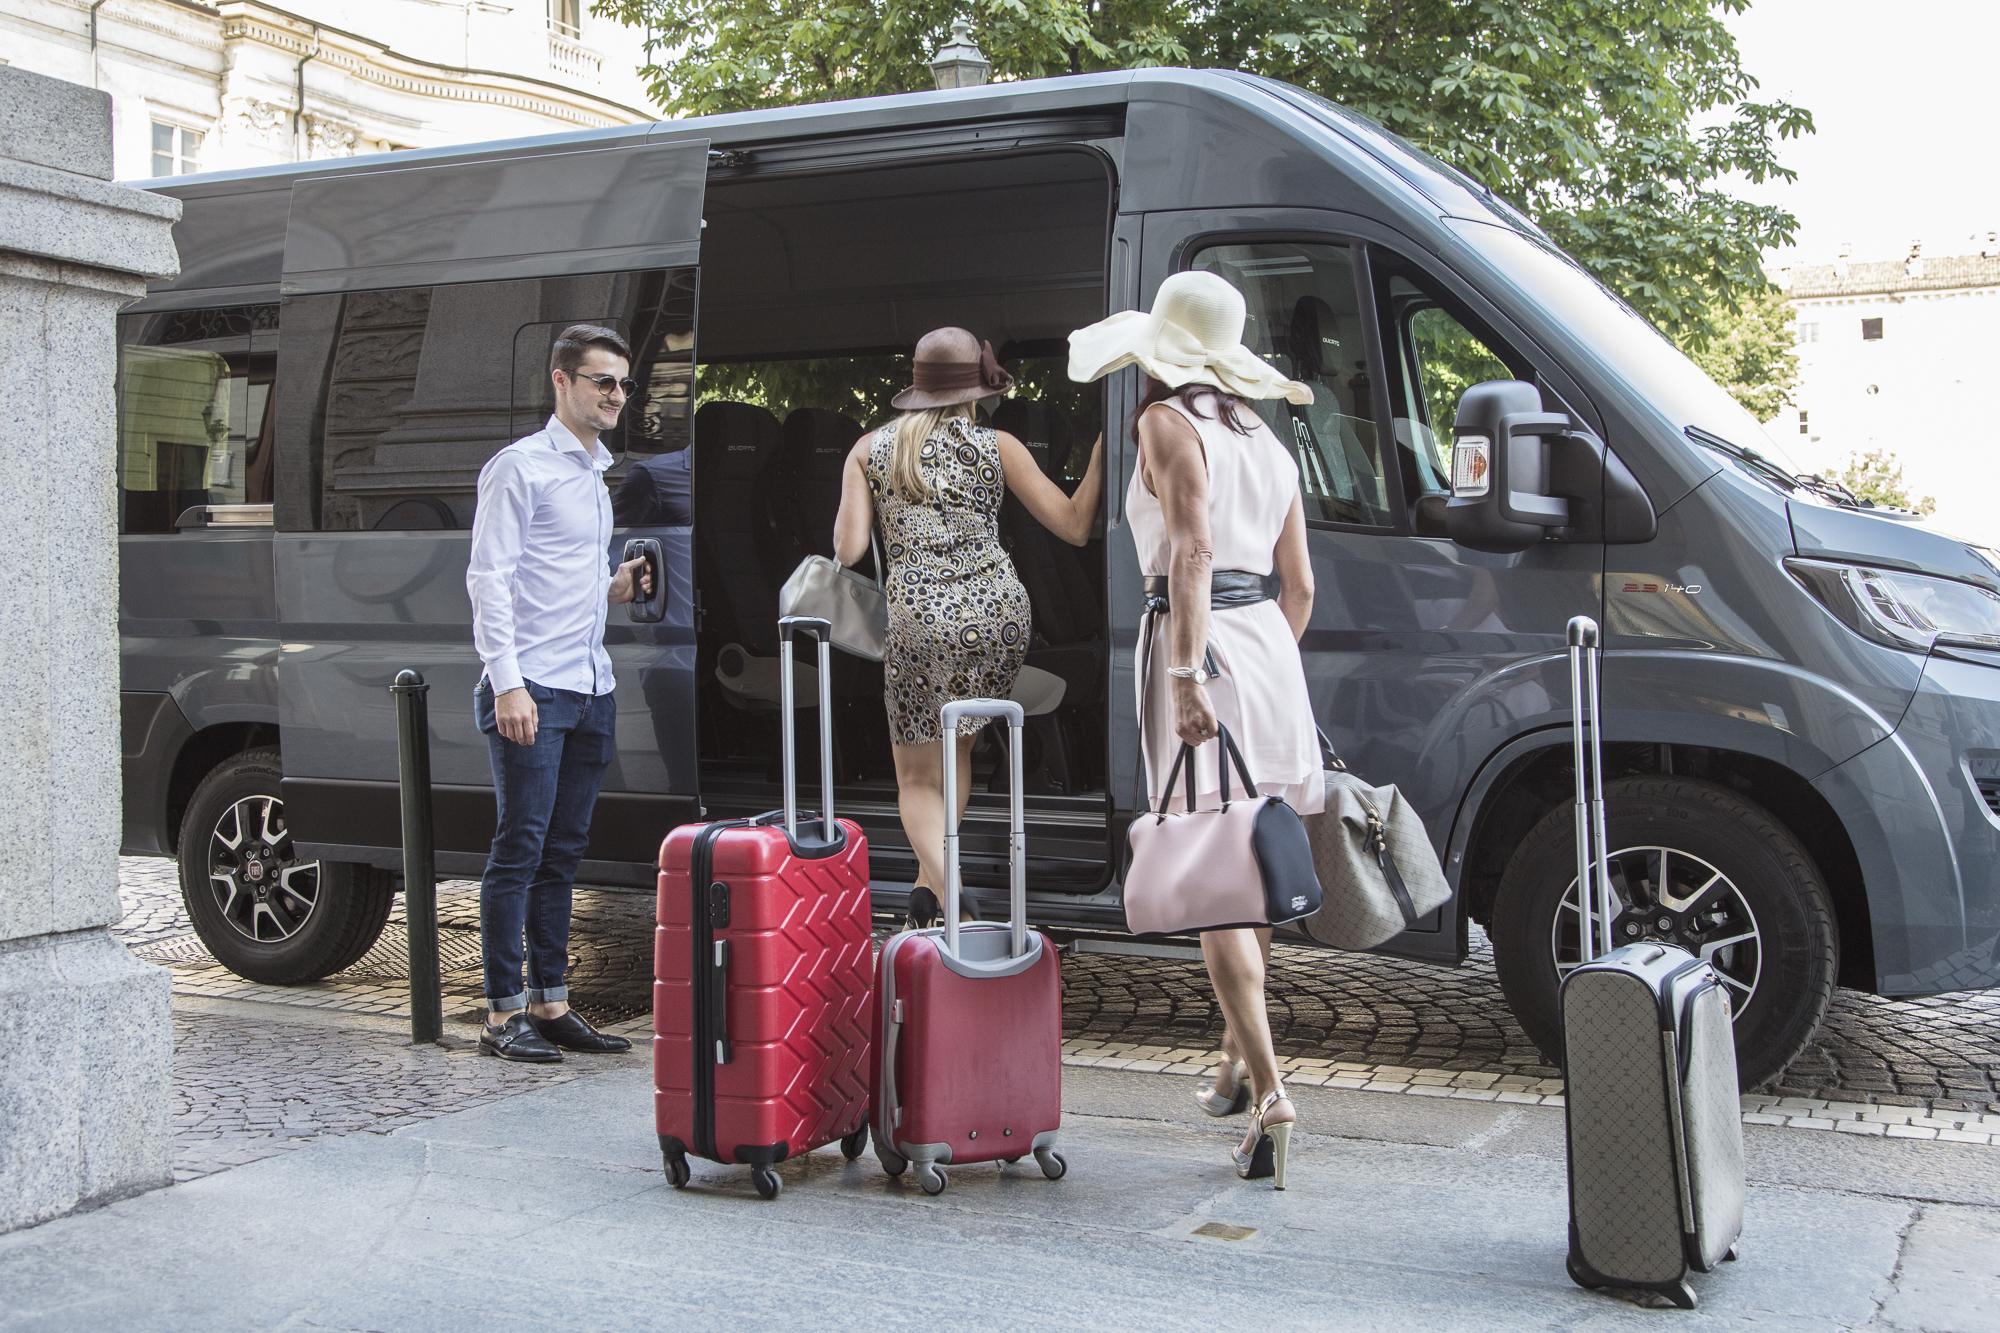 fiat-ducato-2020-trasporto-persone